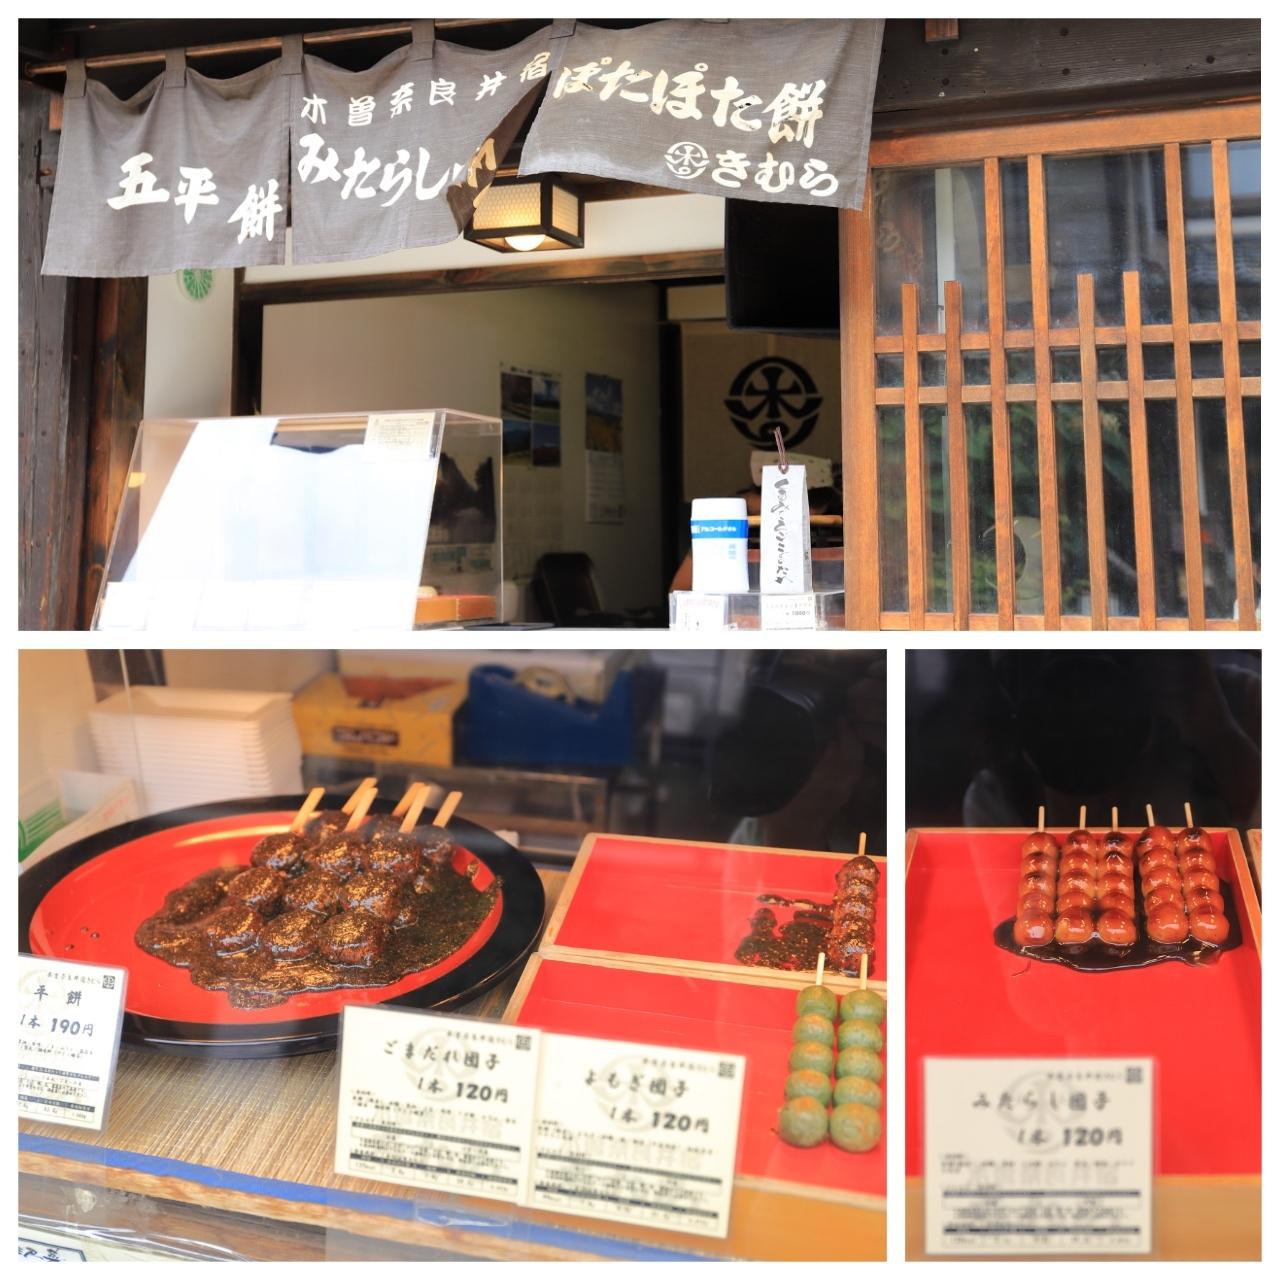 【奈良井宿】長野合宿 - 10 -_f0348831_17431805.jpg